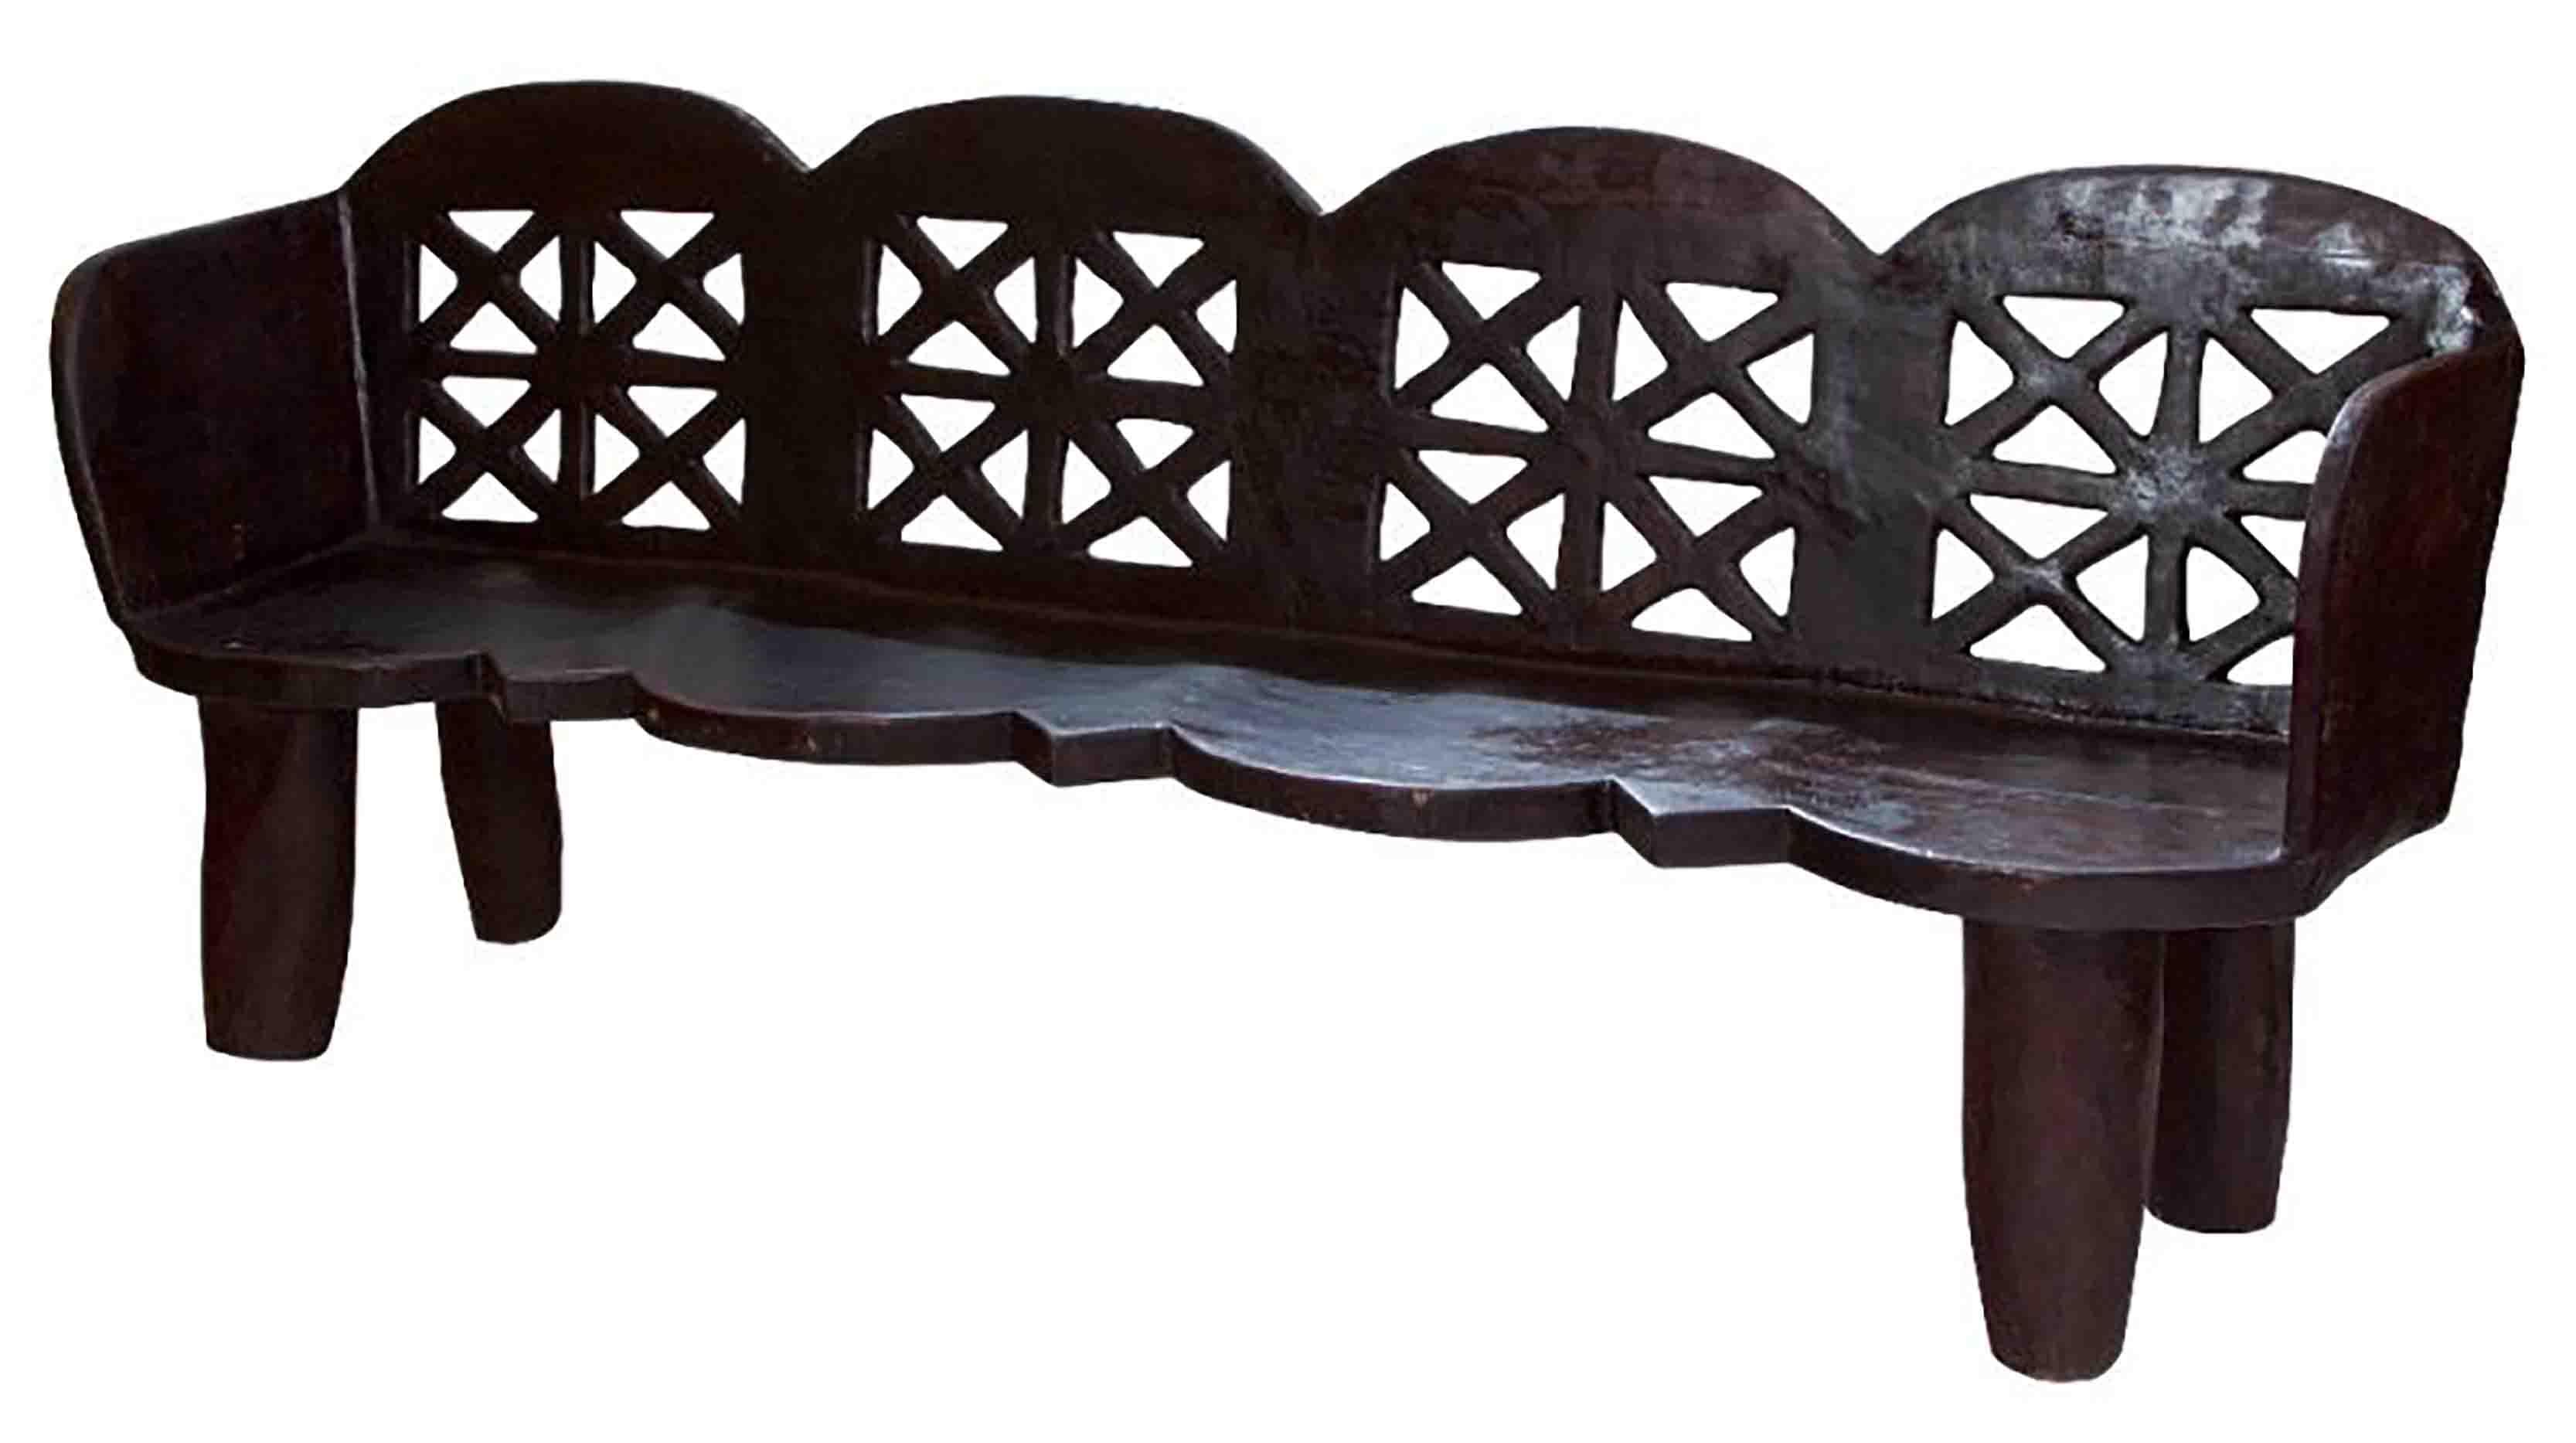 Geometric Bench, Ethiopia